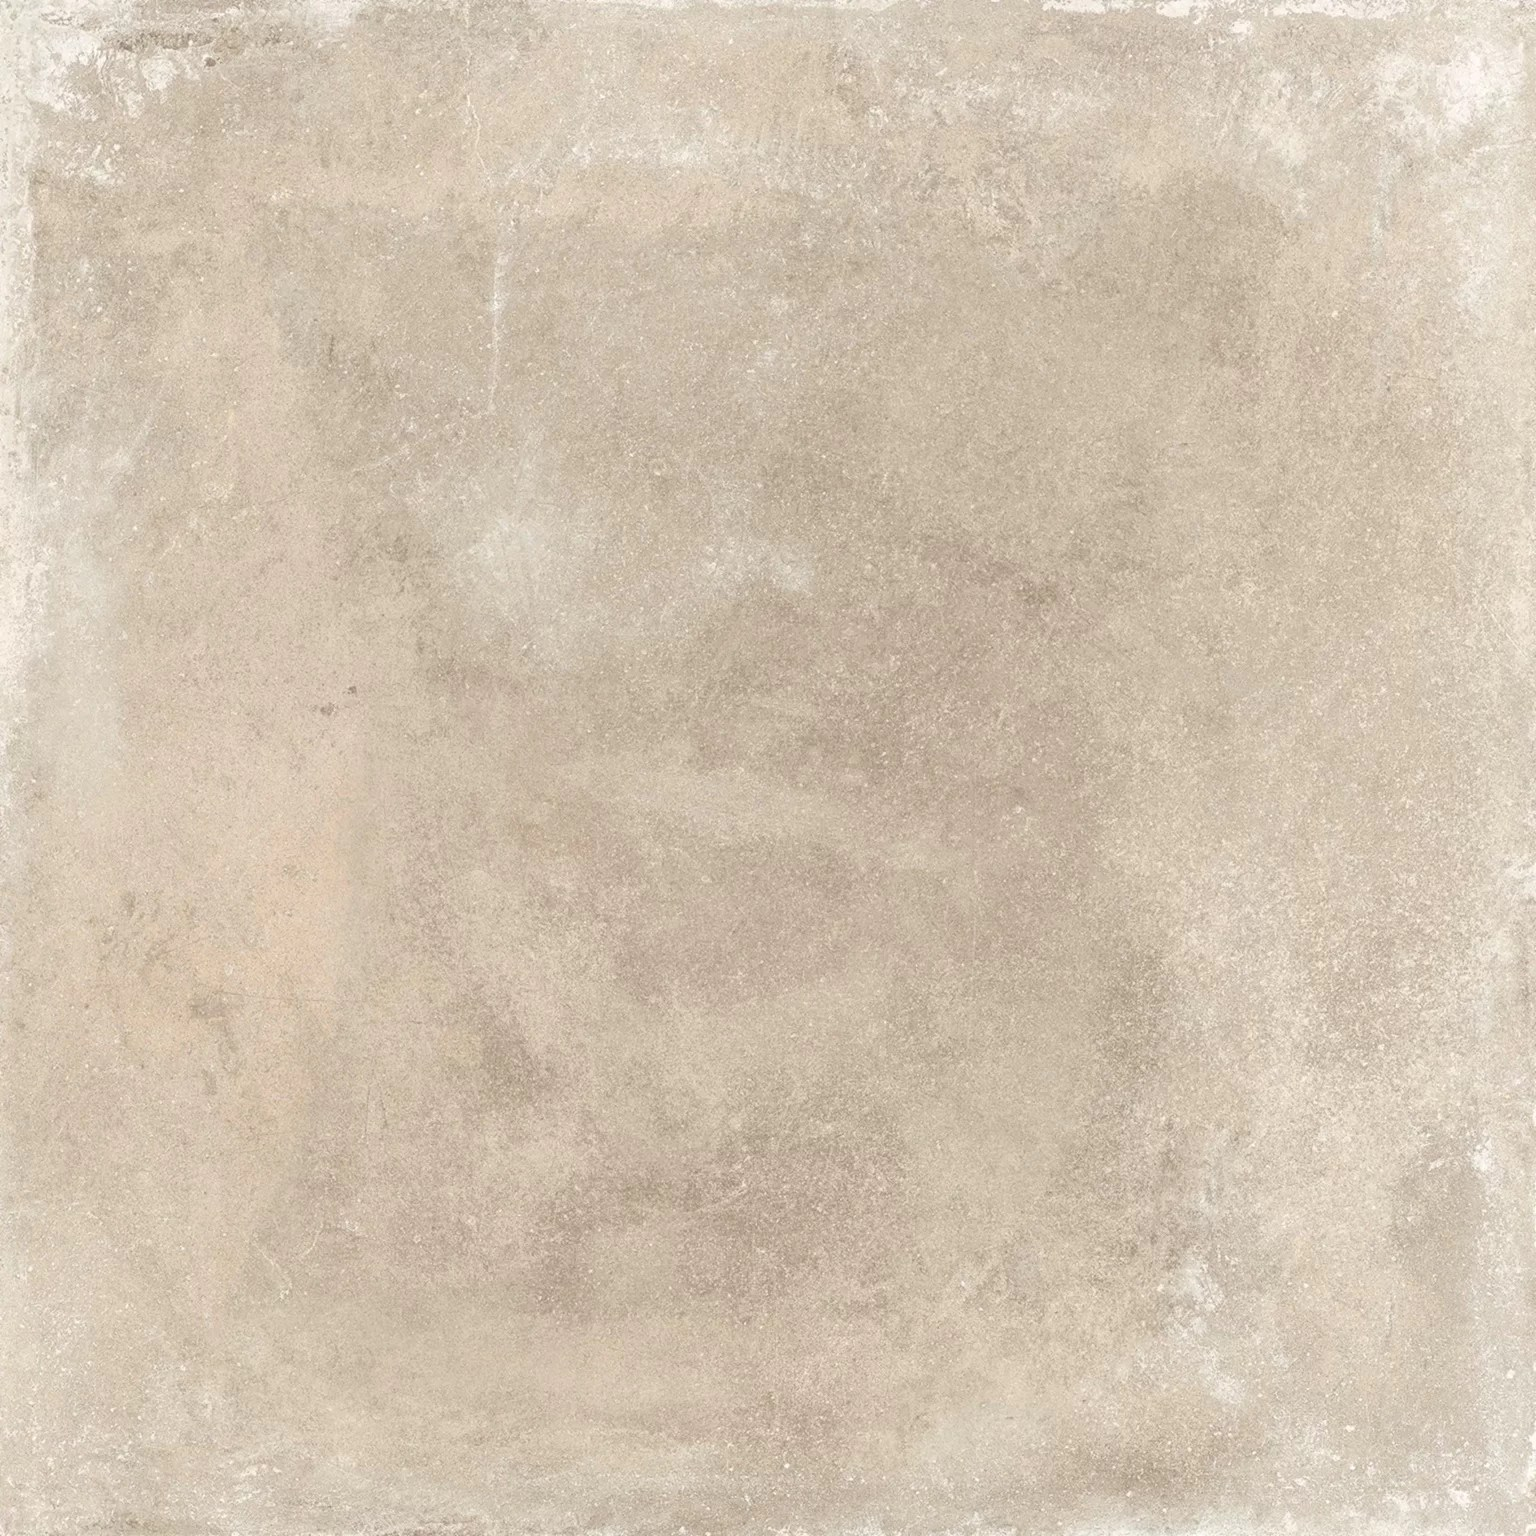 basole 20 x 20 ceramic field tile in beige